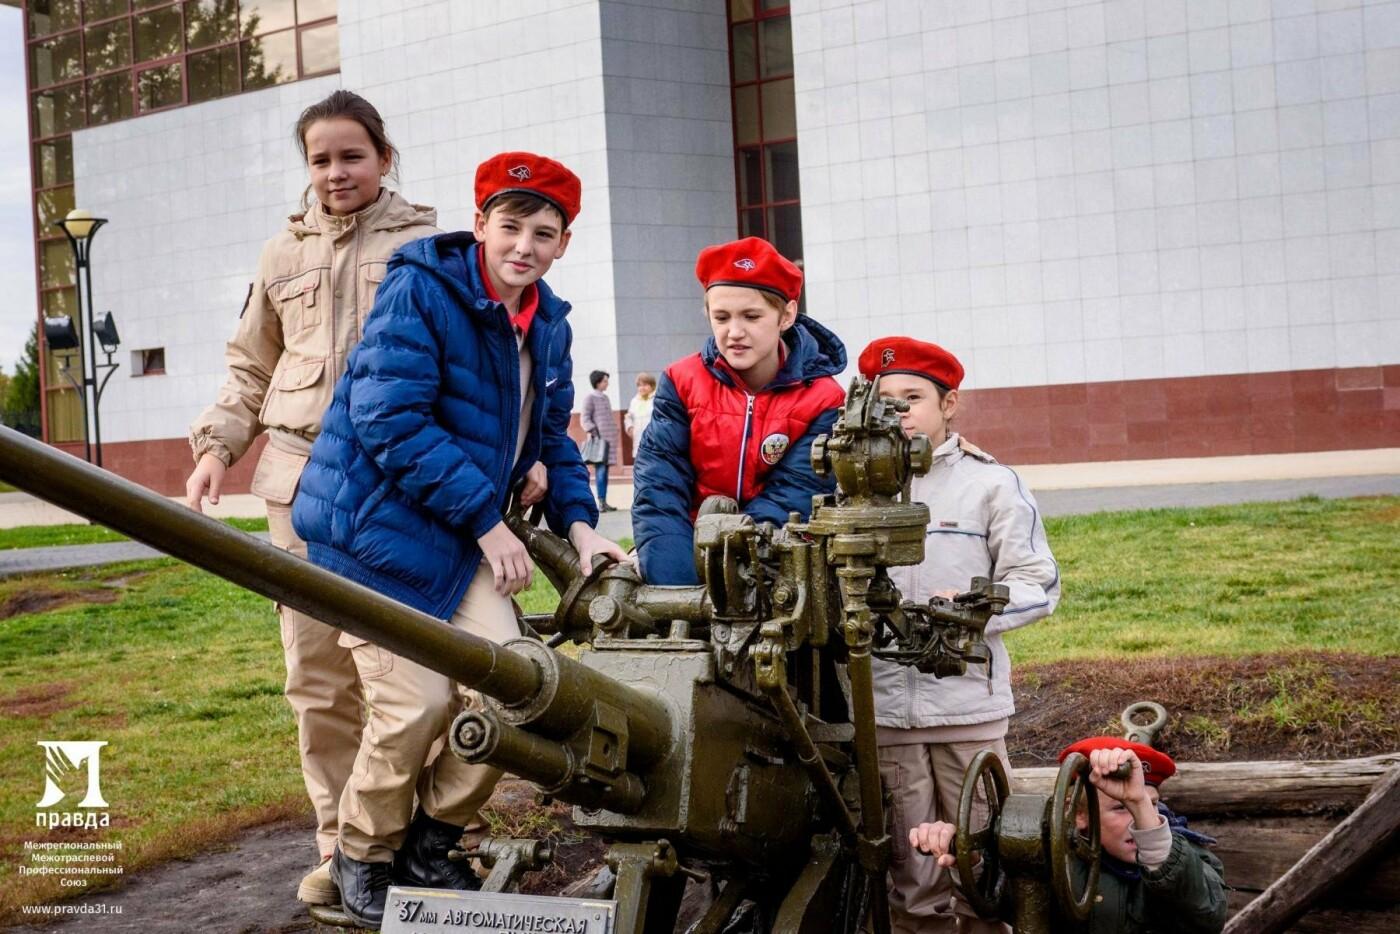 Поколение патриотов: юнармейцы благодаря профсоюзу «Правда» узнали больше о танковом сражении 1943 года, фото-2